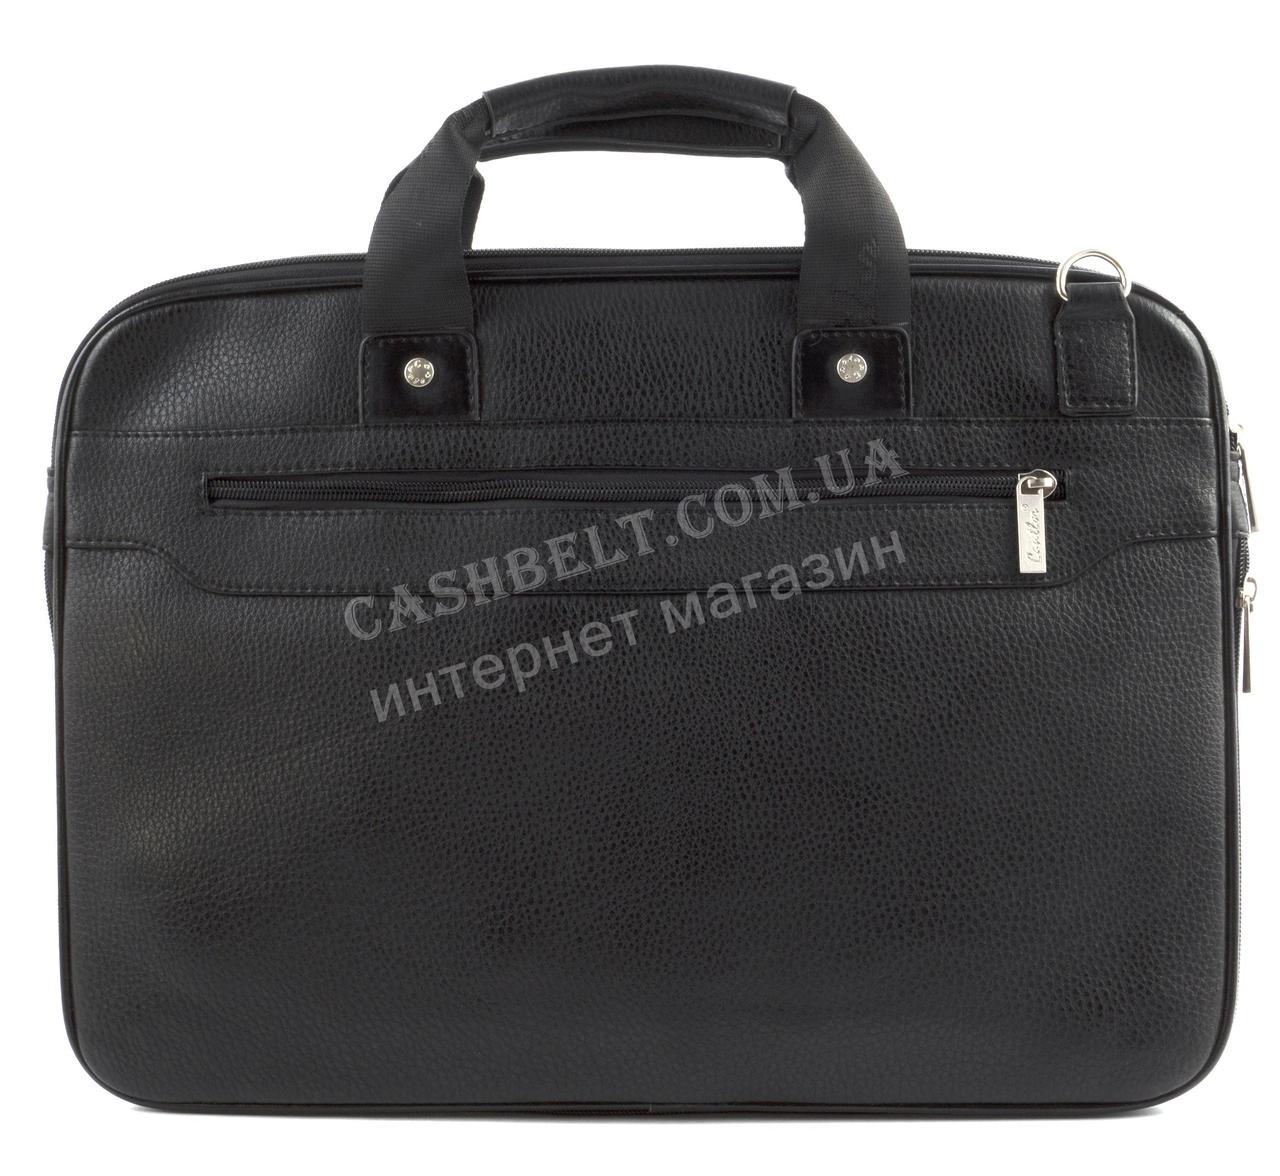 740890b0cdec Вместительная мужская сумка для документов с качественной PU кожи CANTLOR  art. 704-1 черный